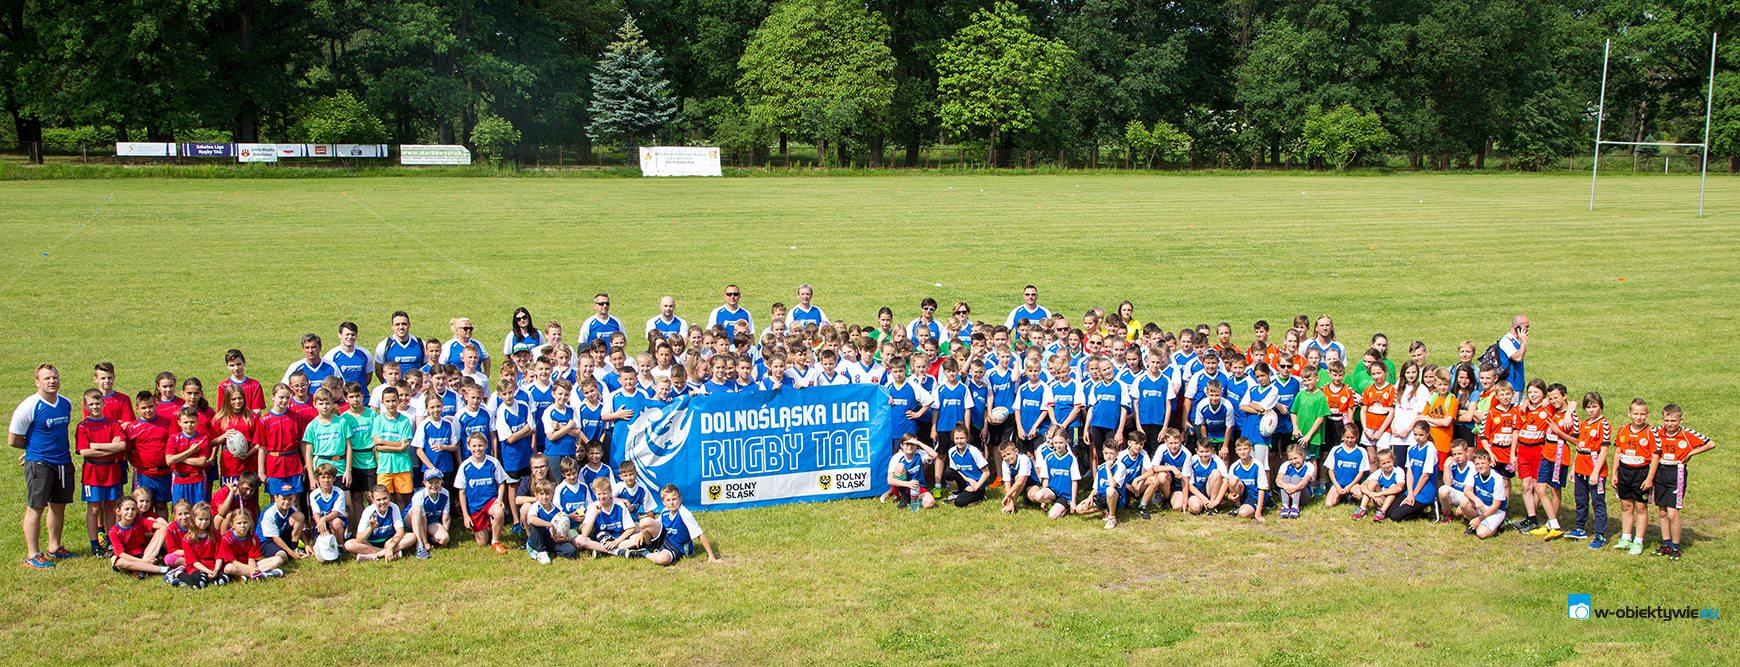 Finał Dolnośląskiej Ligi Rugby Tag z udziałem wrocławian